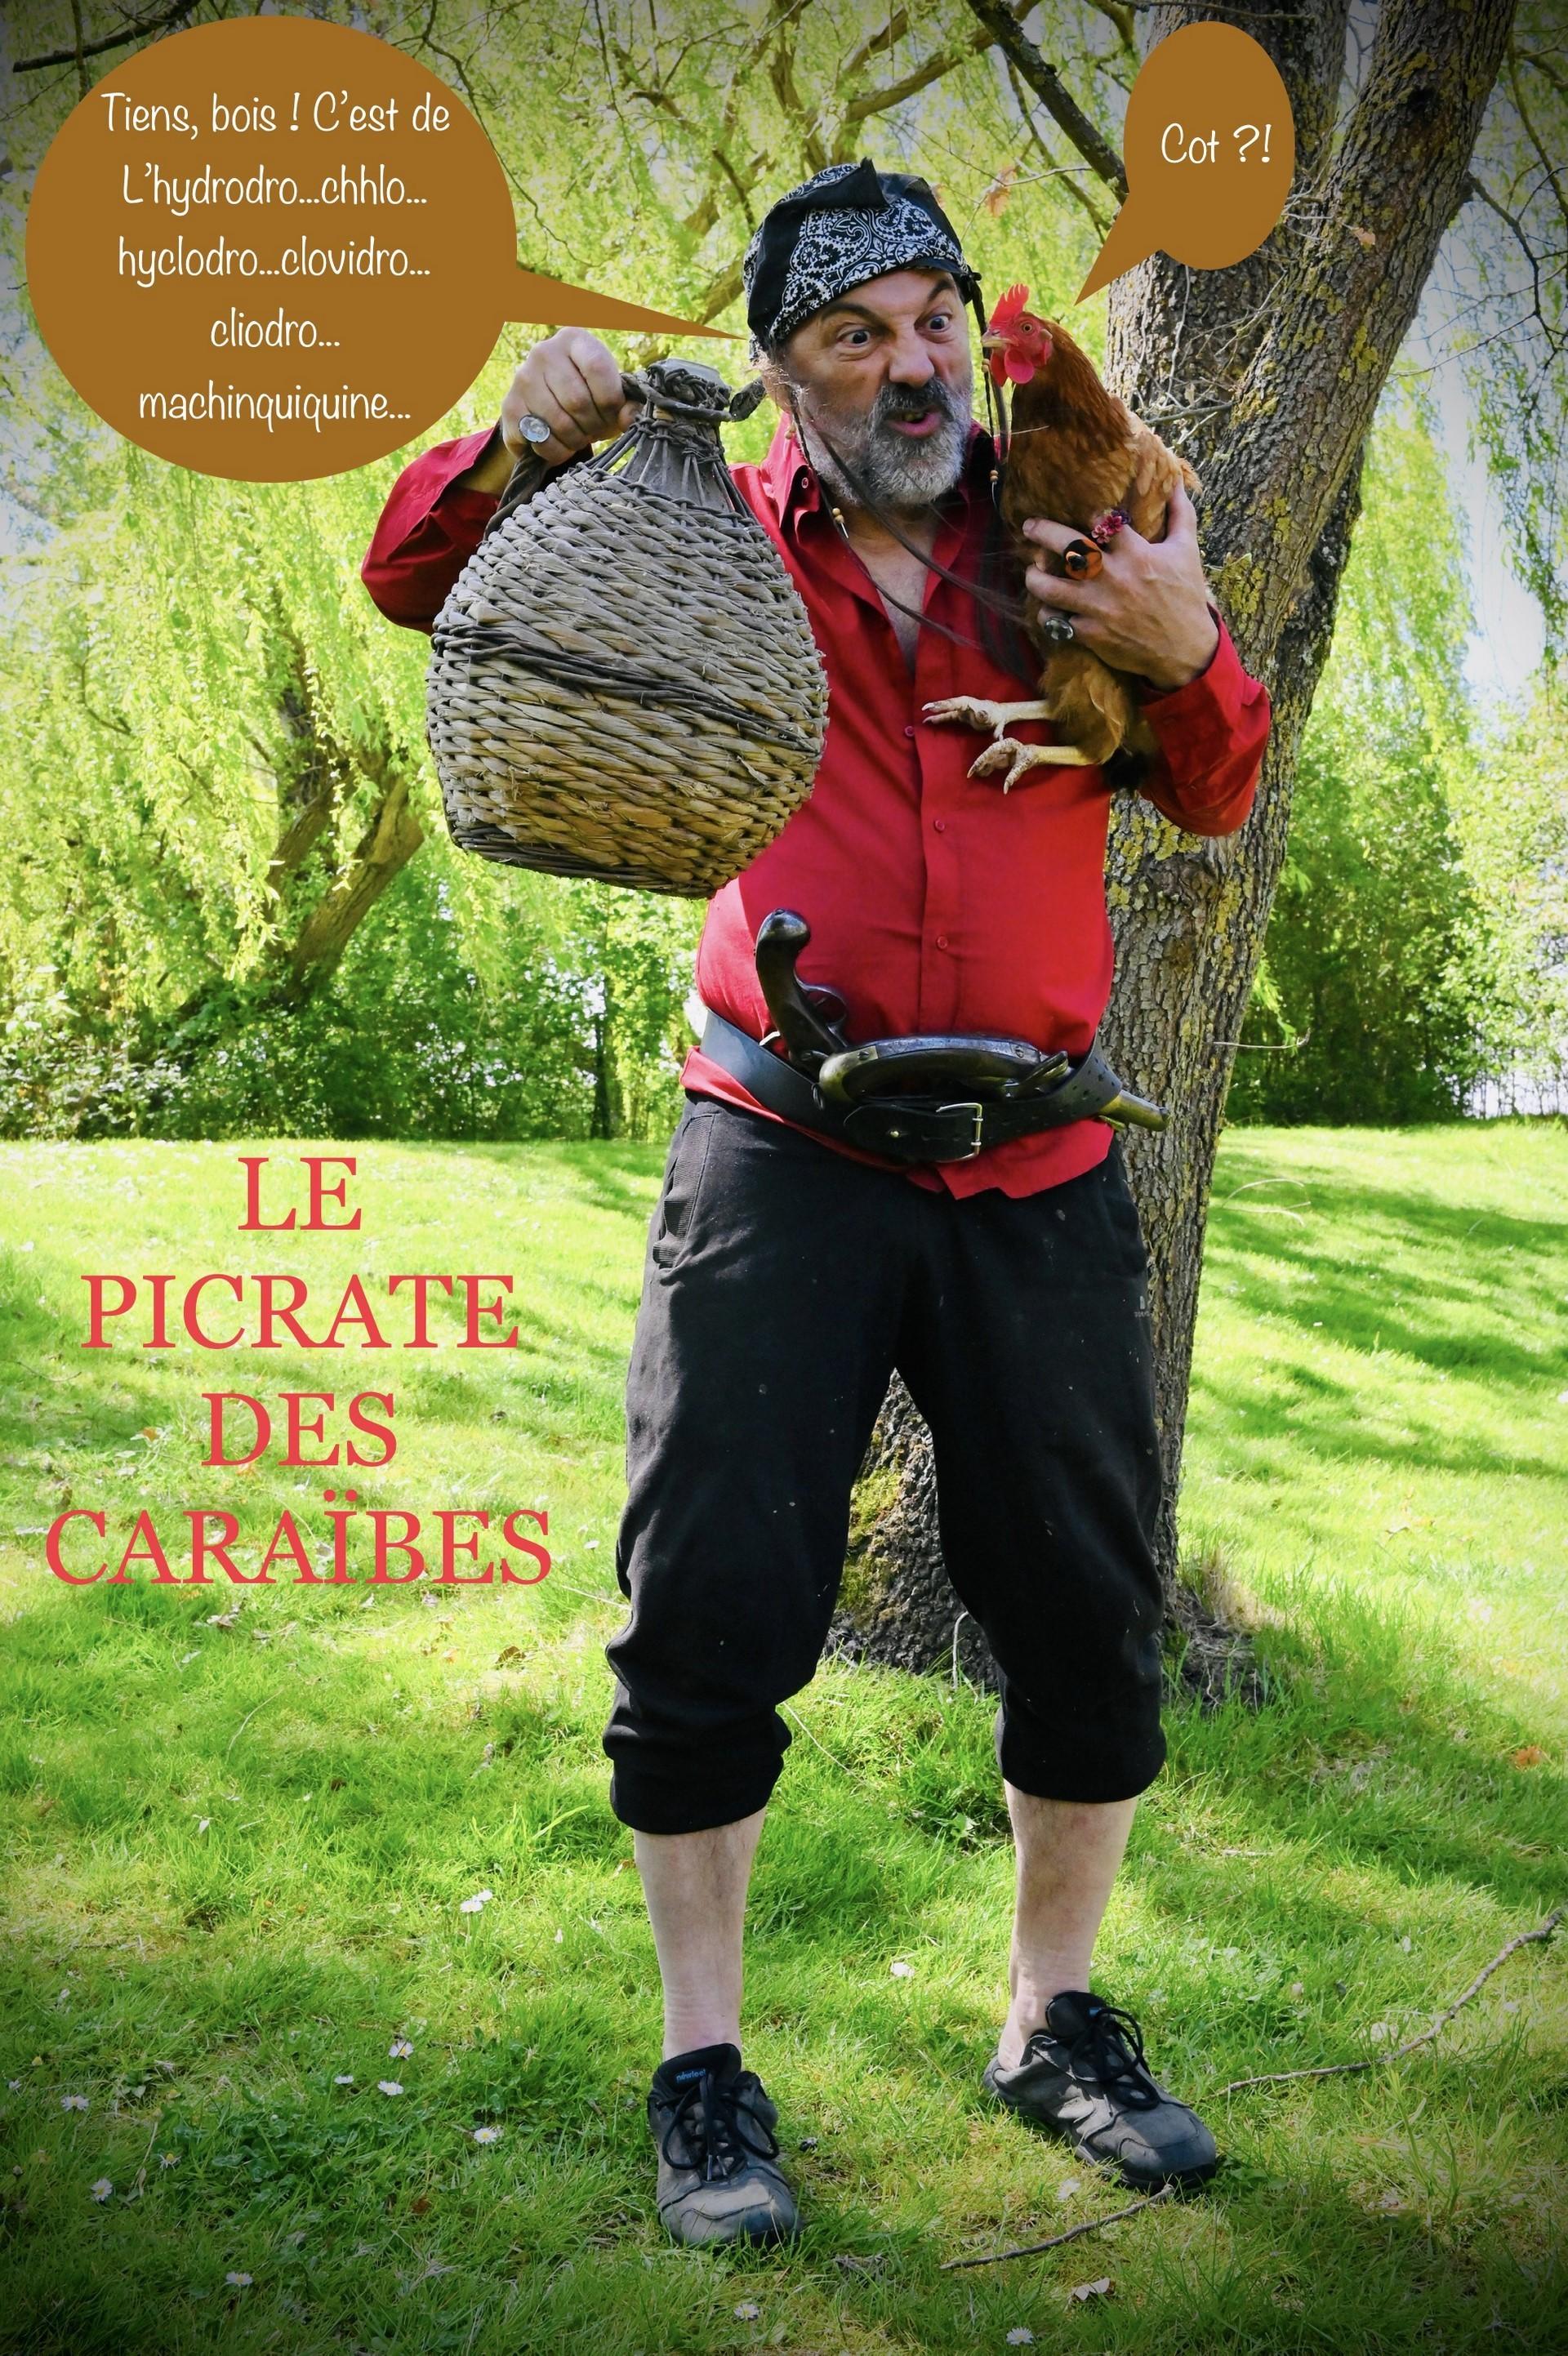 Pirate des caraibes 1920